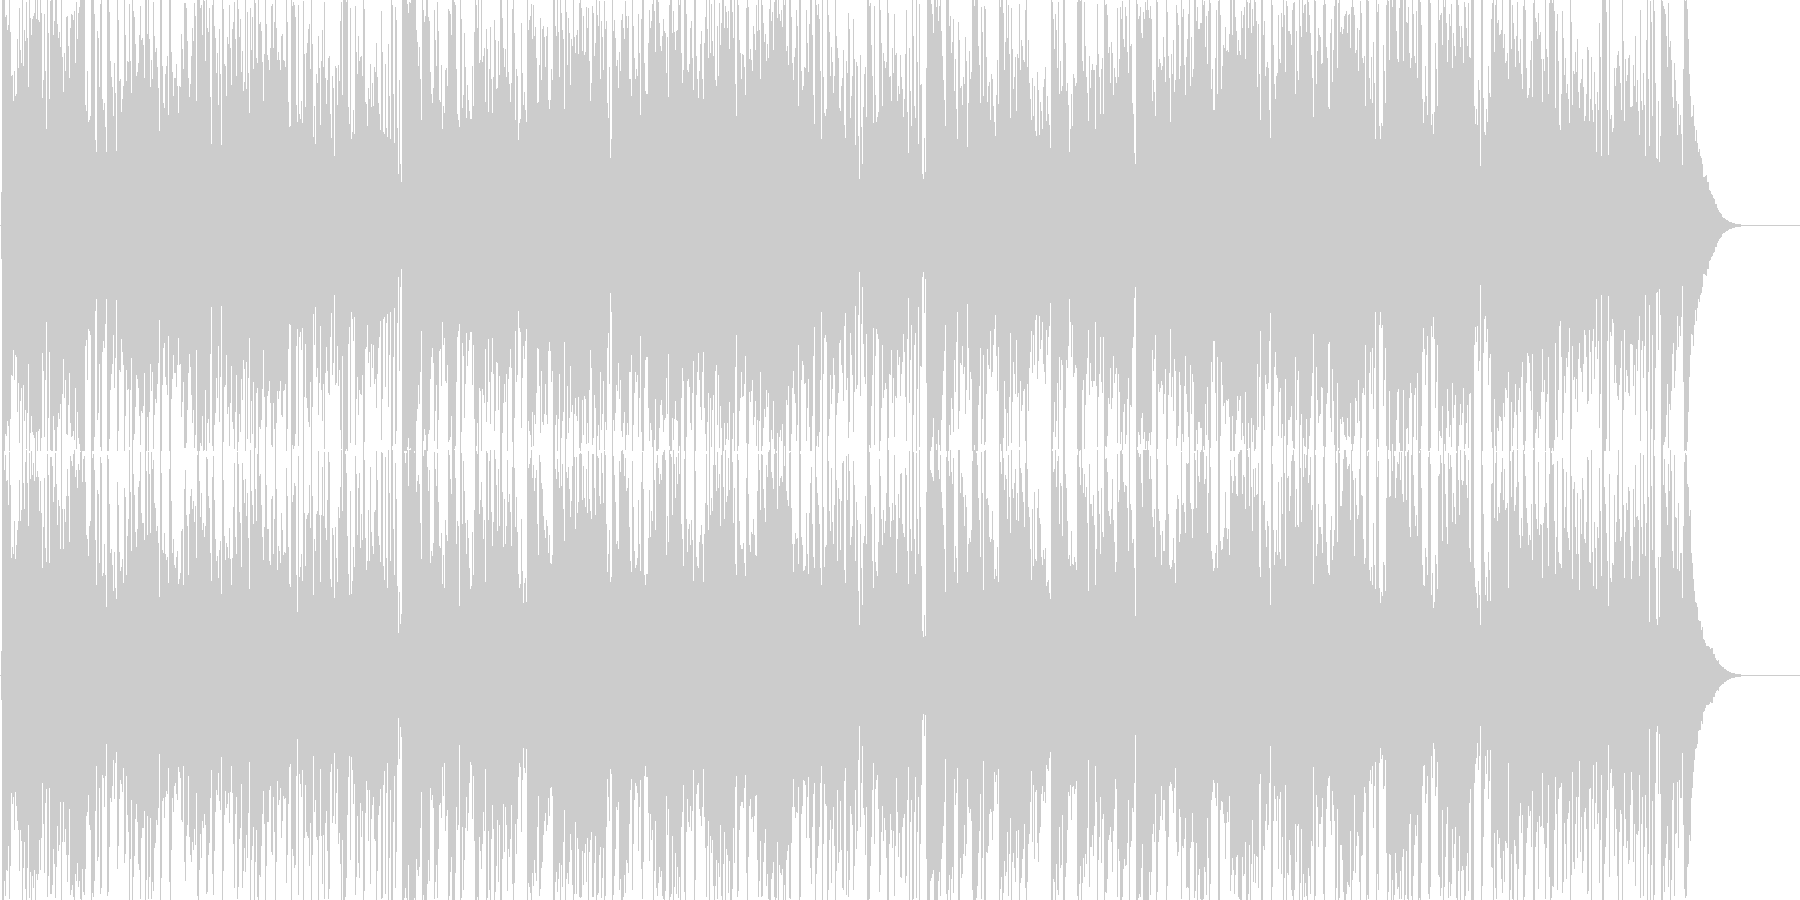 番組オープニングテーマ曲にぴったりな曲の未再生の波形